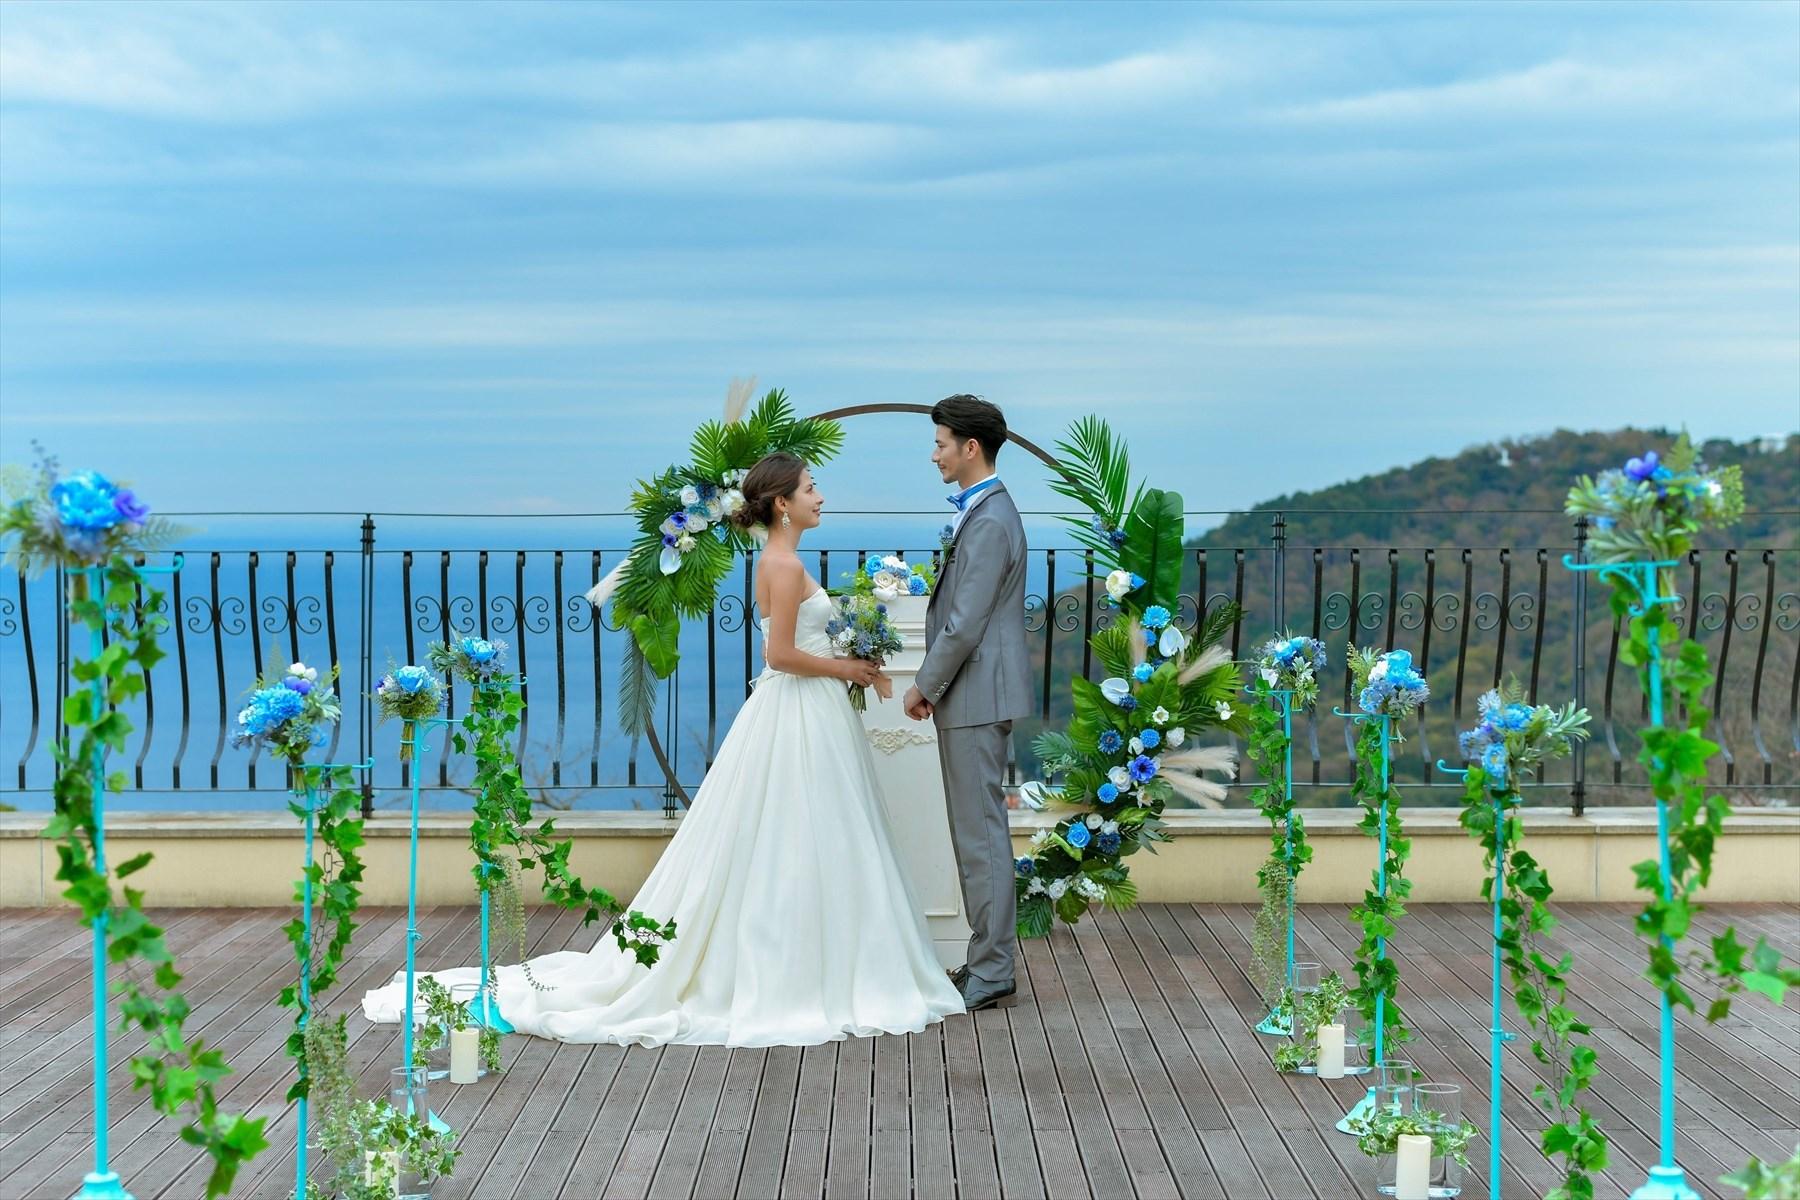 東静岡結婚式 挙式会場全景